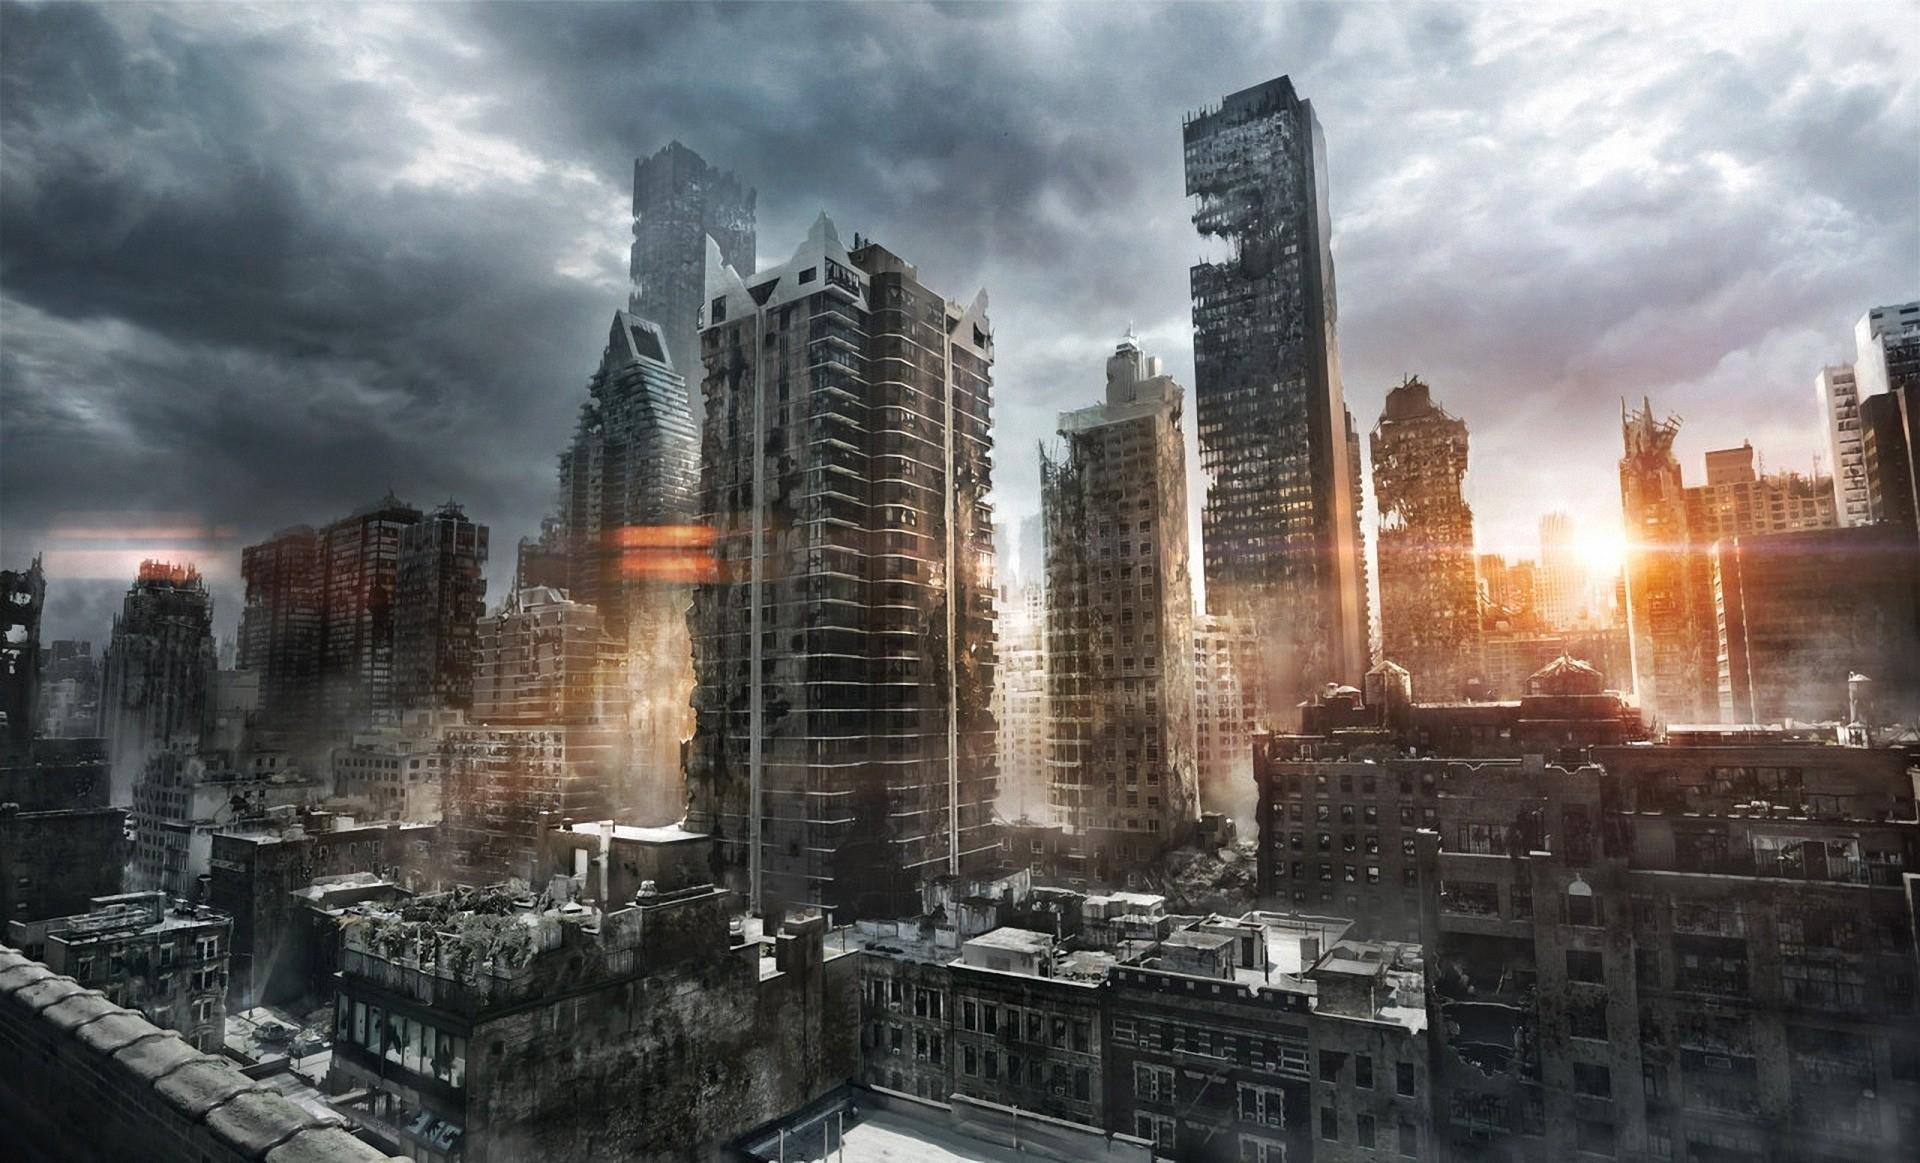 Обои темное небо, разрушенный город, небоскребы. Города foto 8